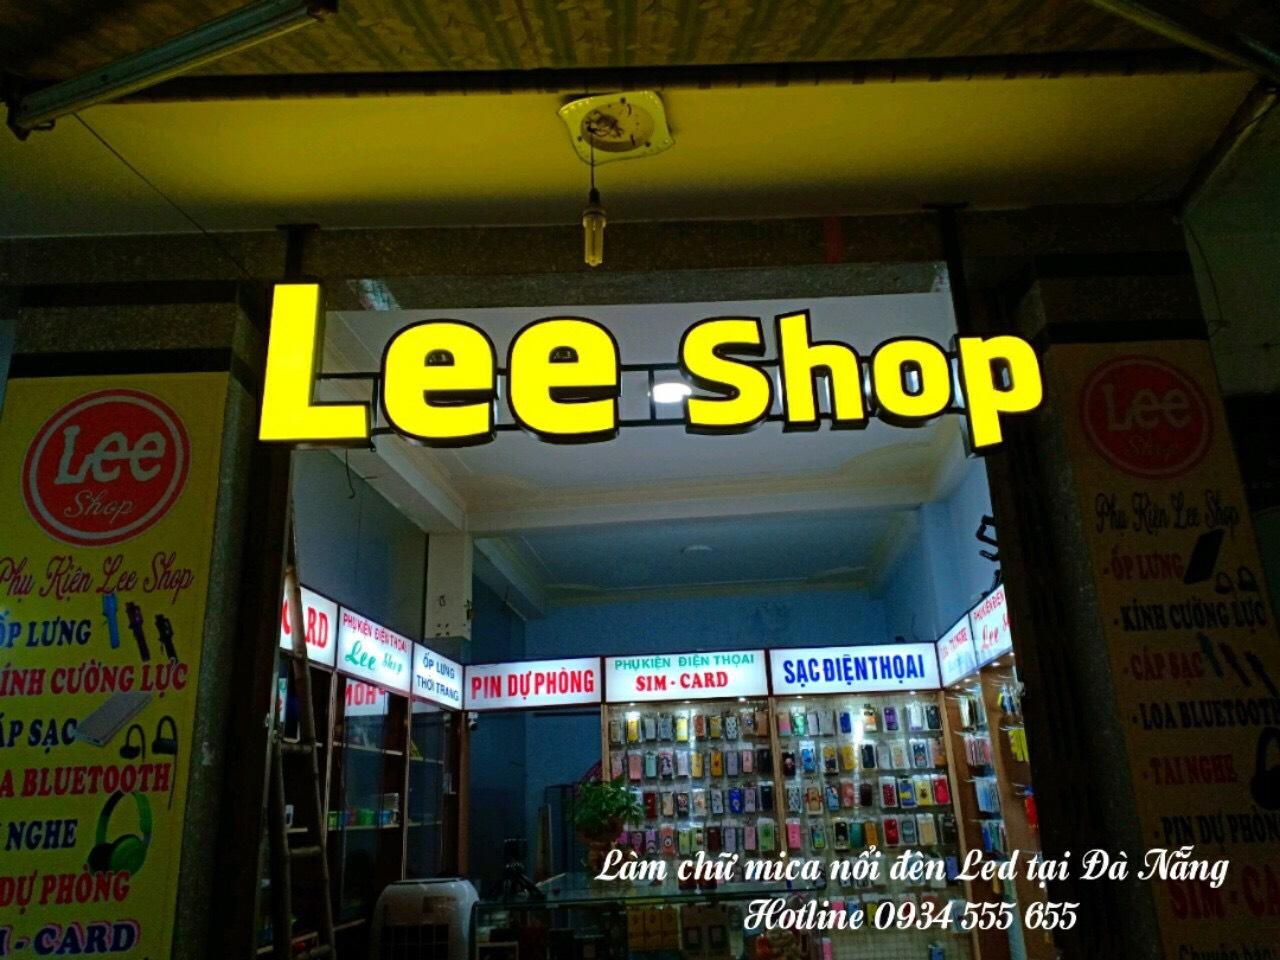 Làm chữ mica nổi đẹp tại Đà Nẵng